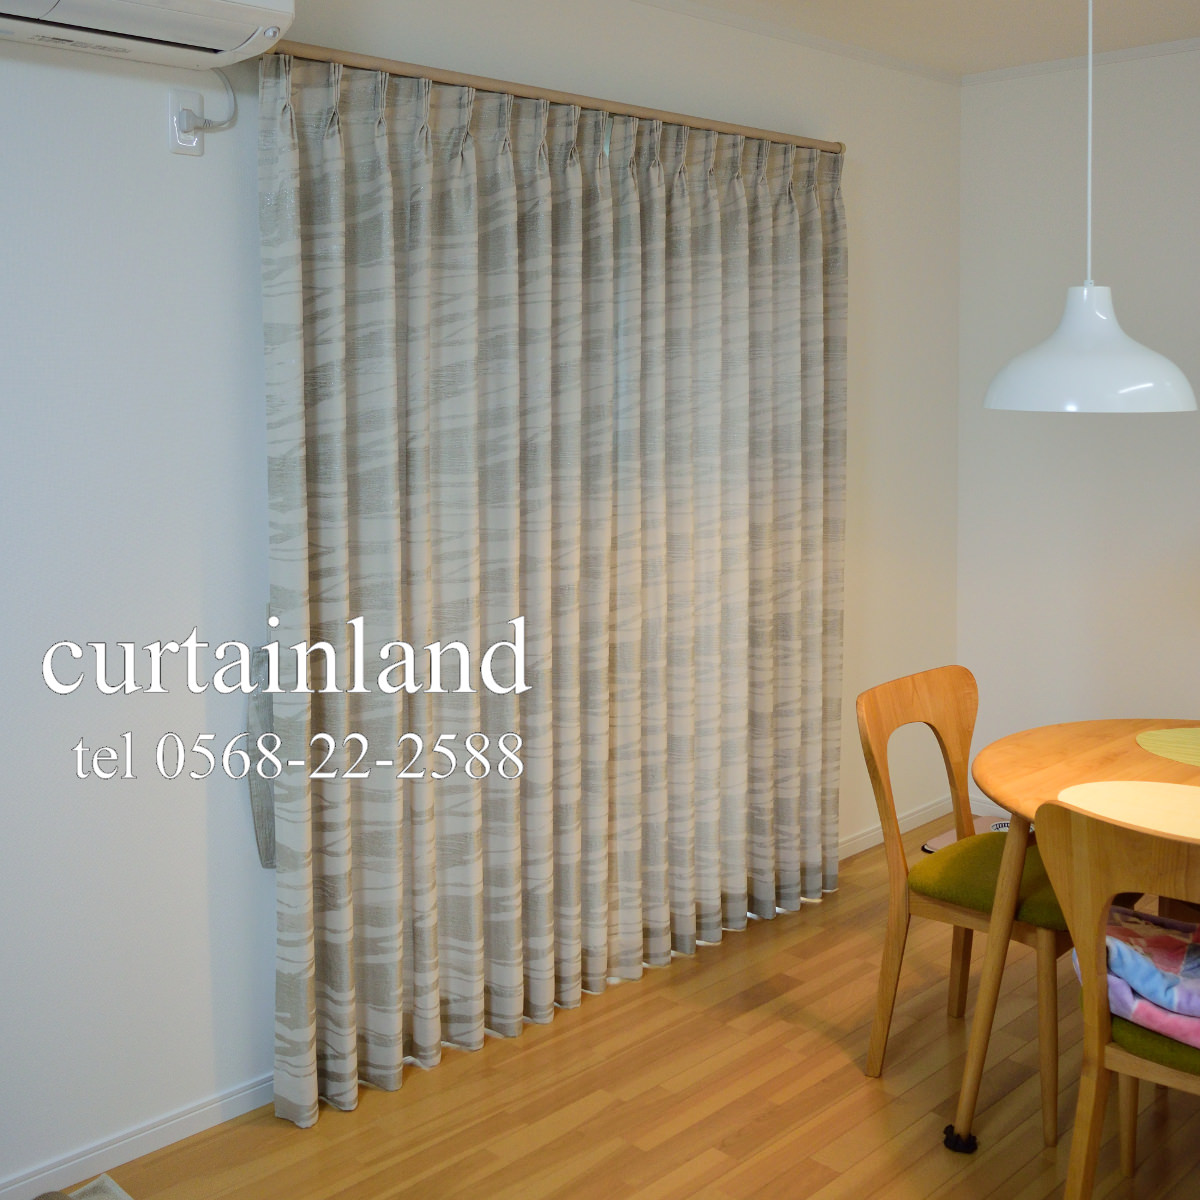 水面を織りで表現したカーテン